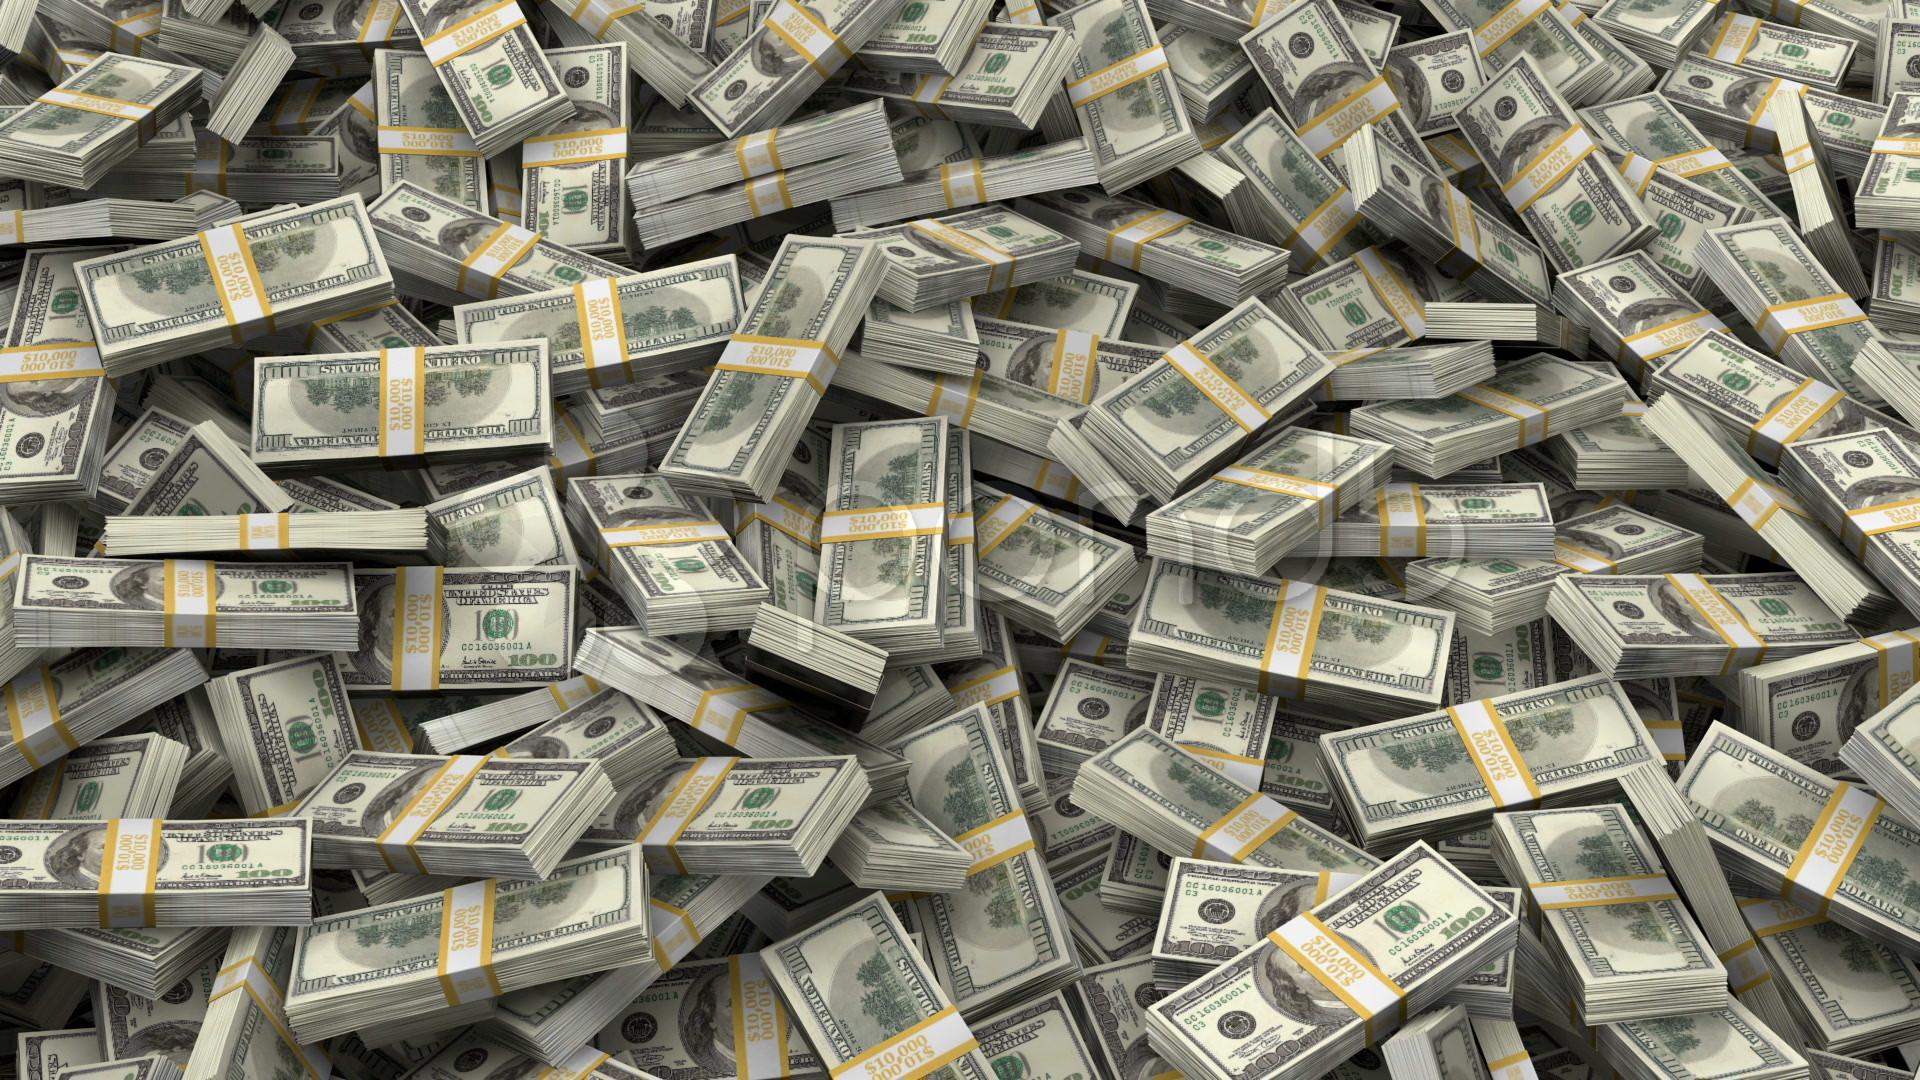 Millions Of Dollars Wallpaper Million dollars pan